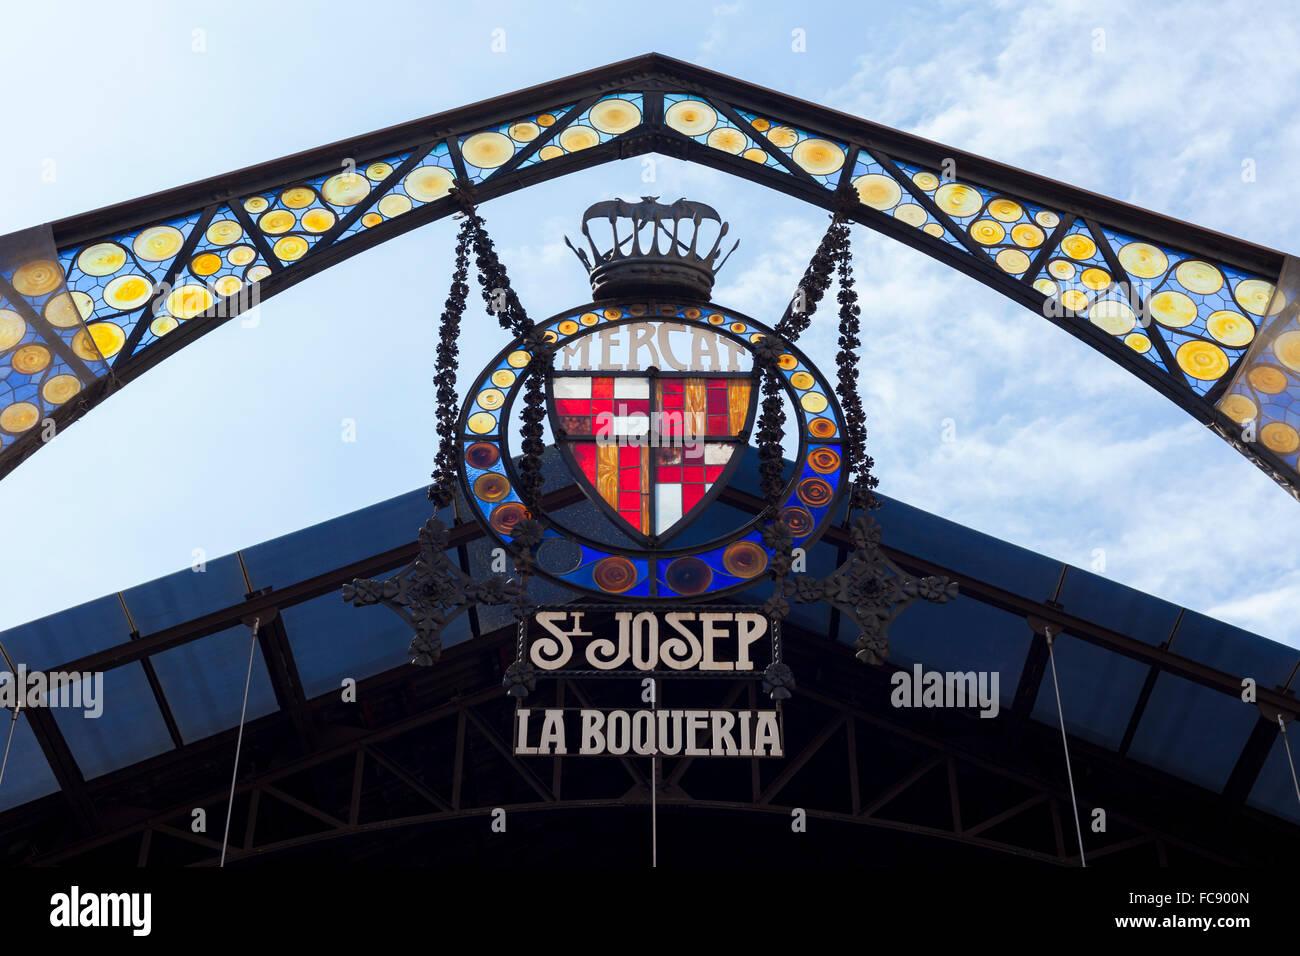 Entrada principal del Mercado de La Boqueria en Las Ramblar, Barcellona. © Joan Gosa Badia Immagini Stock